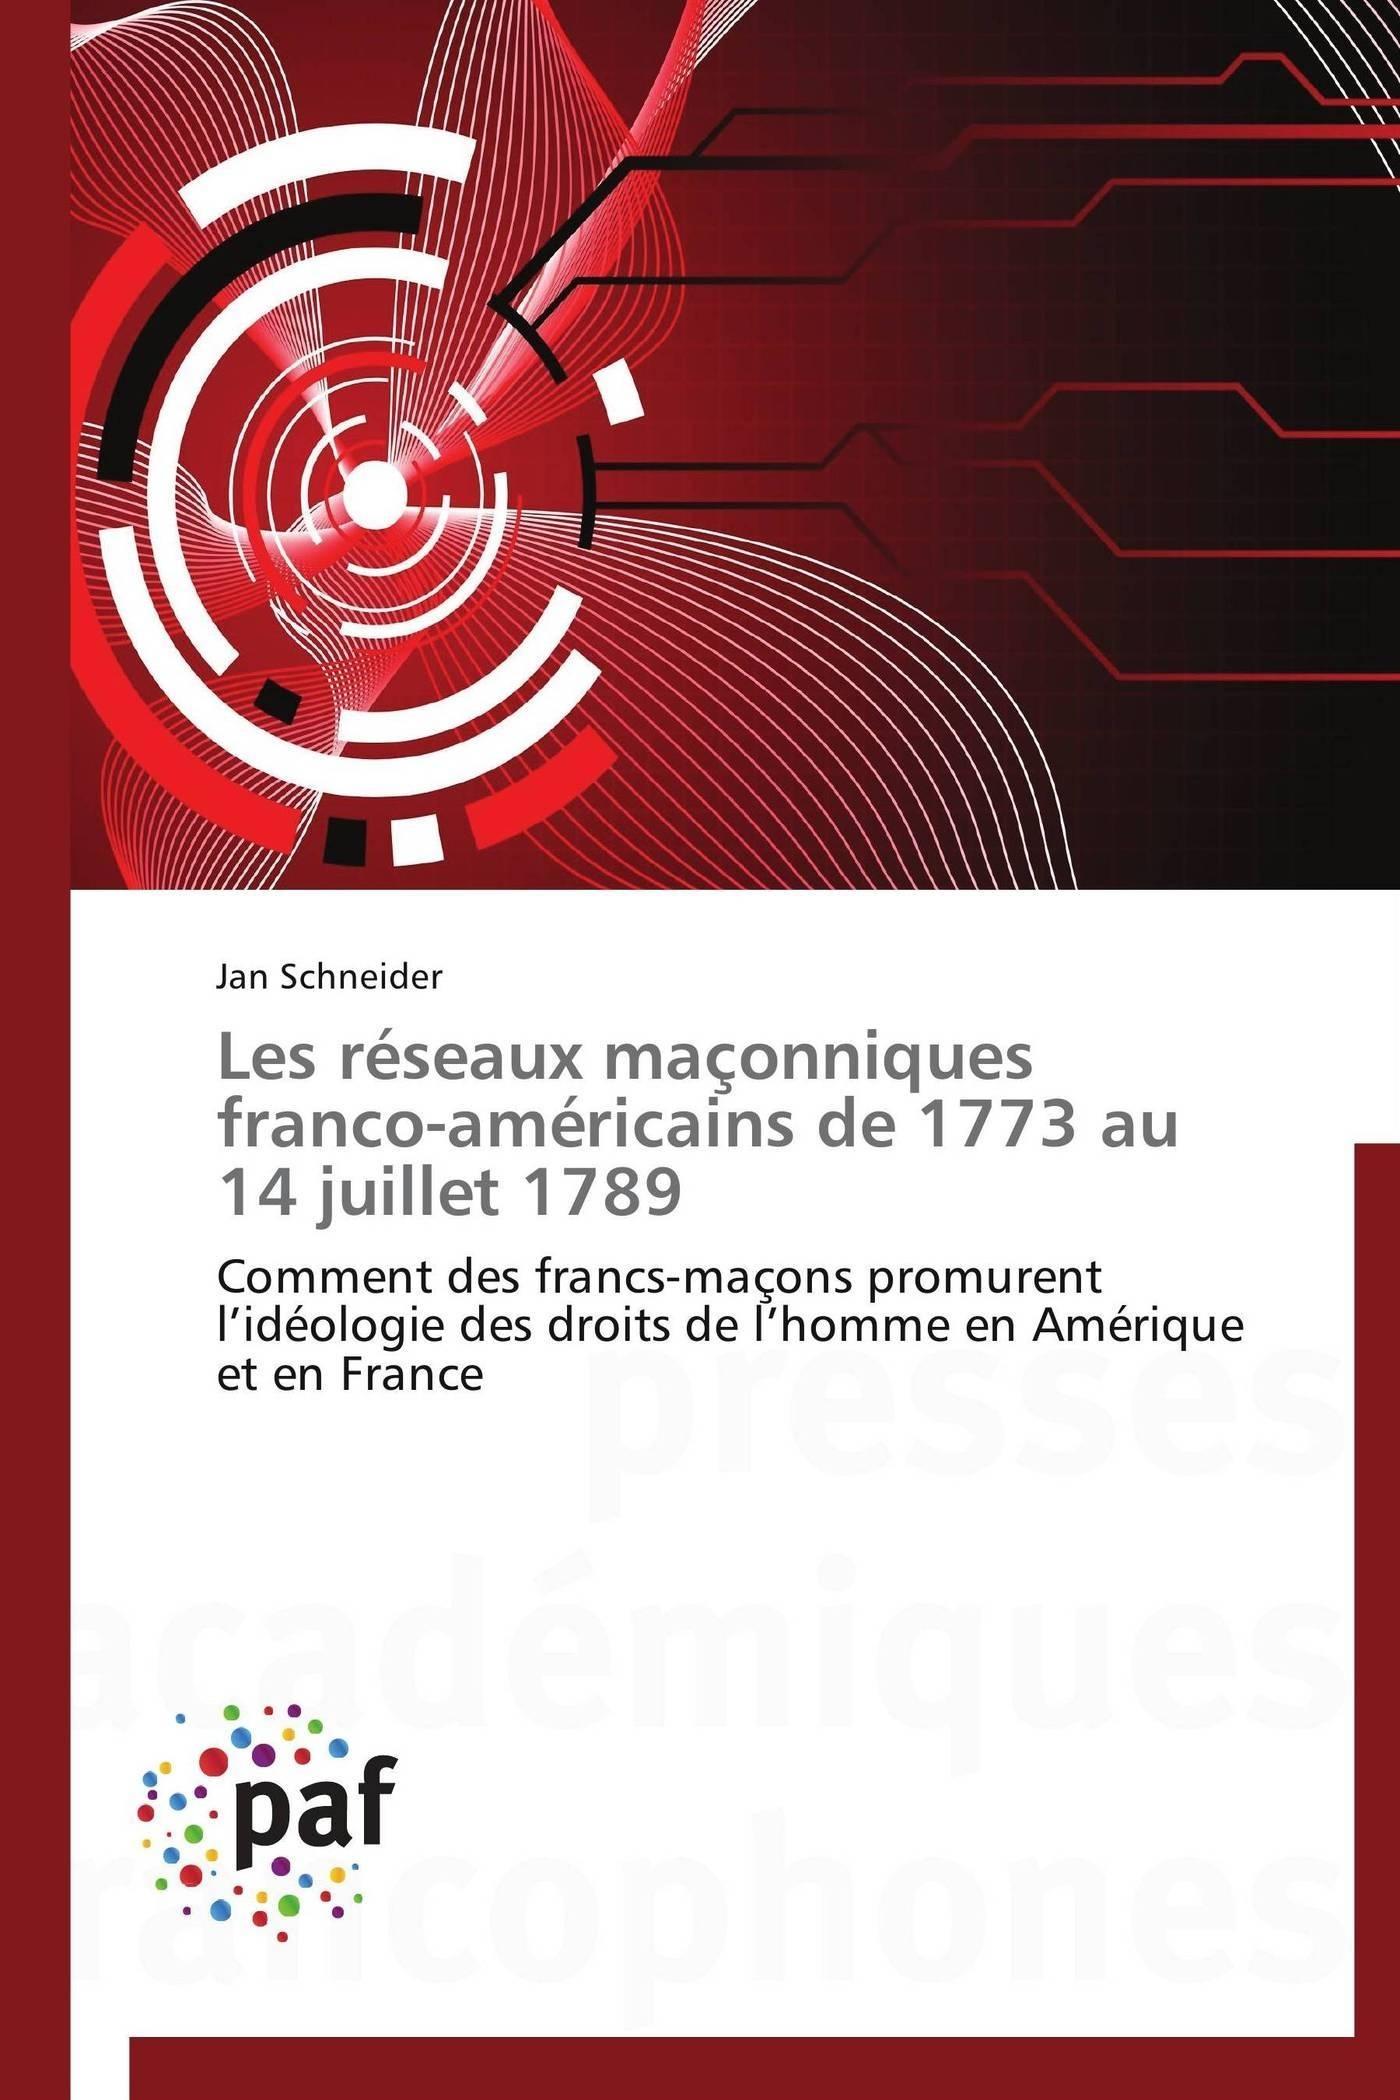 LES RESEAUX MACONNIQUES FRANCO-AMERICAINS DE 1773 AU 14 JUILLET 1789